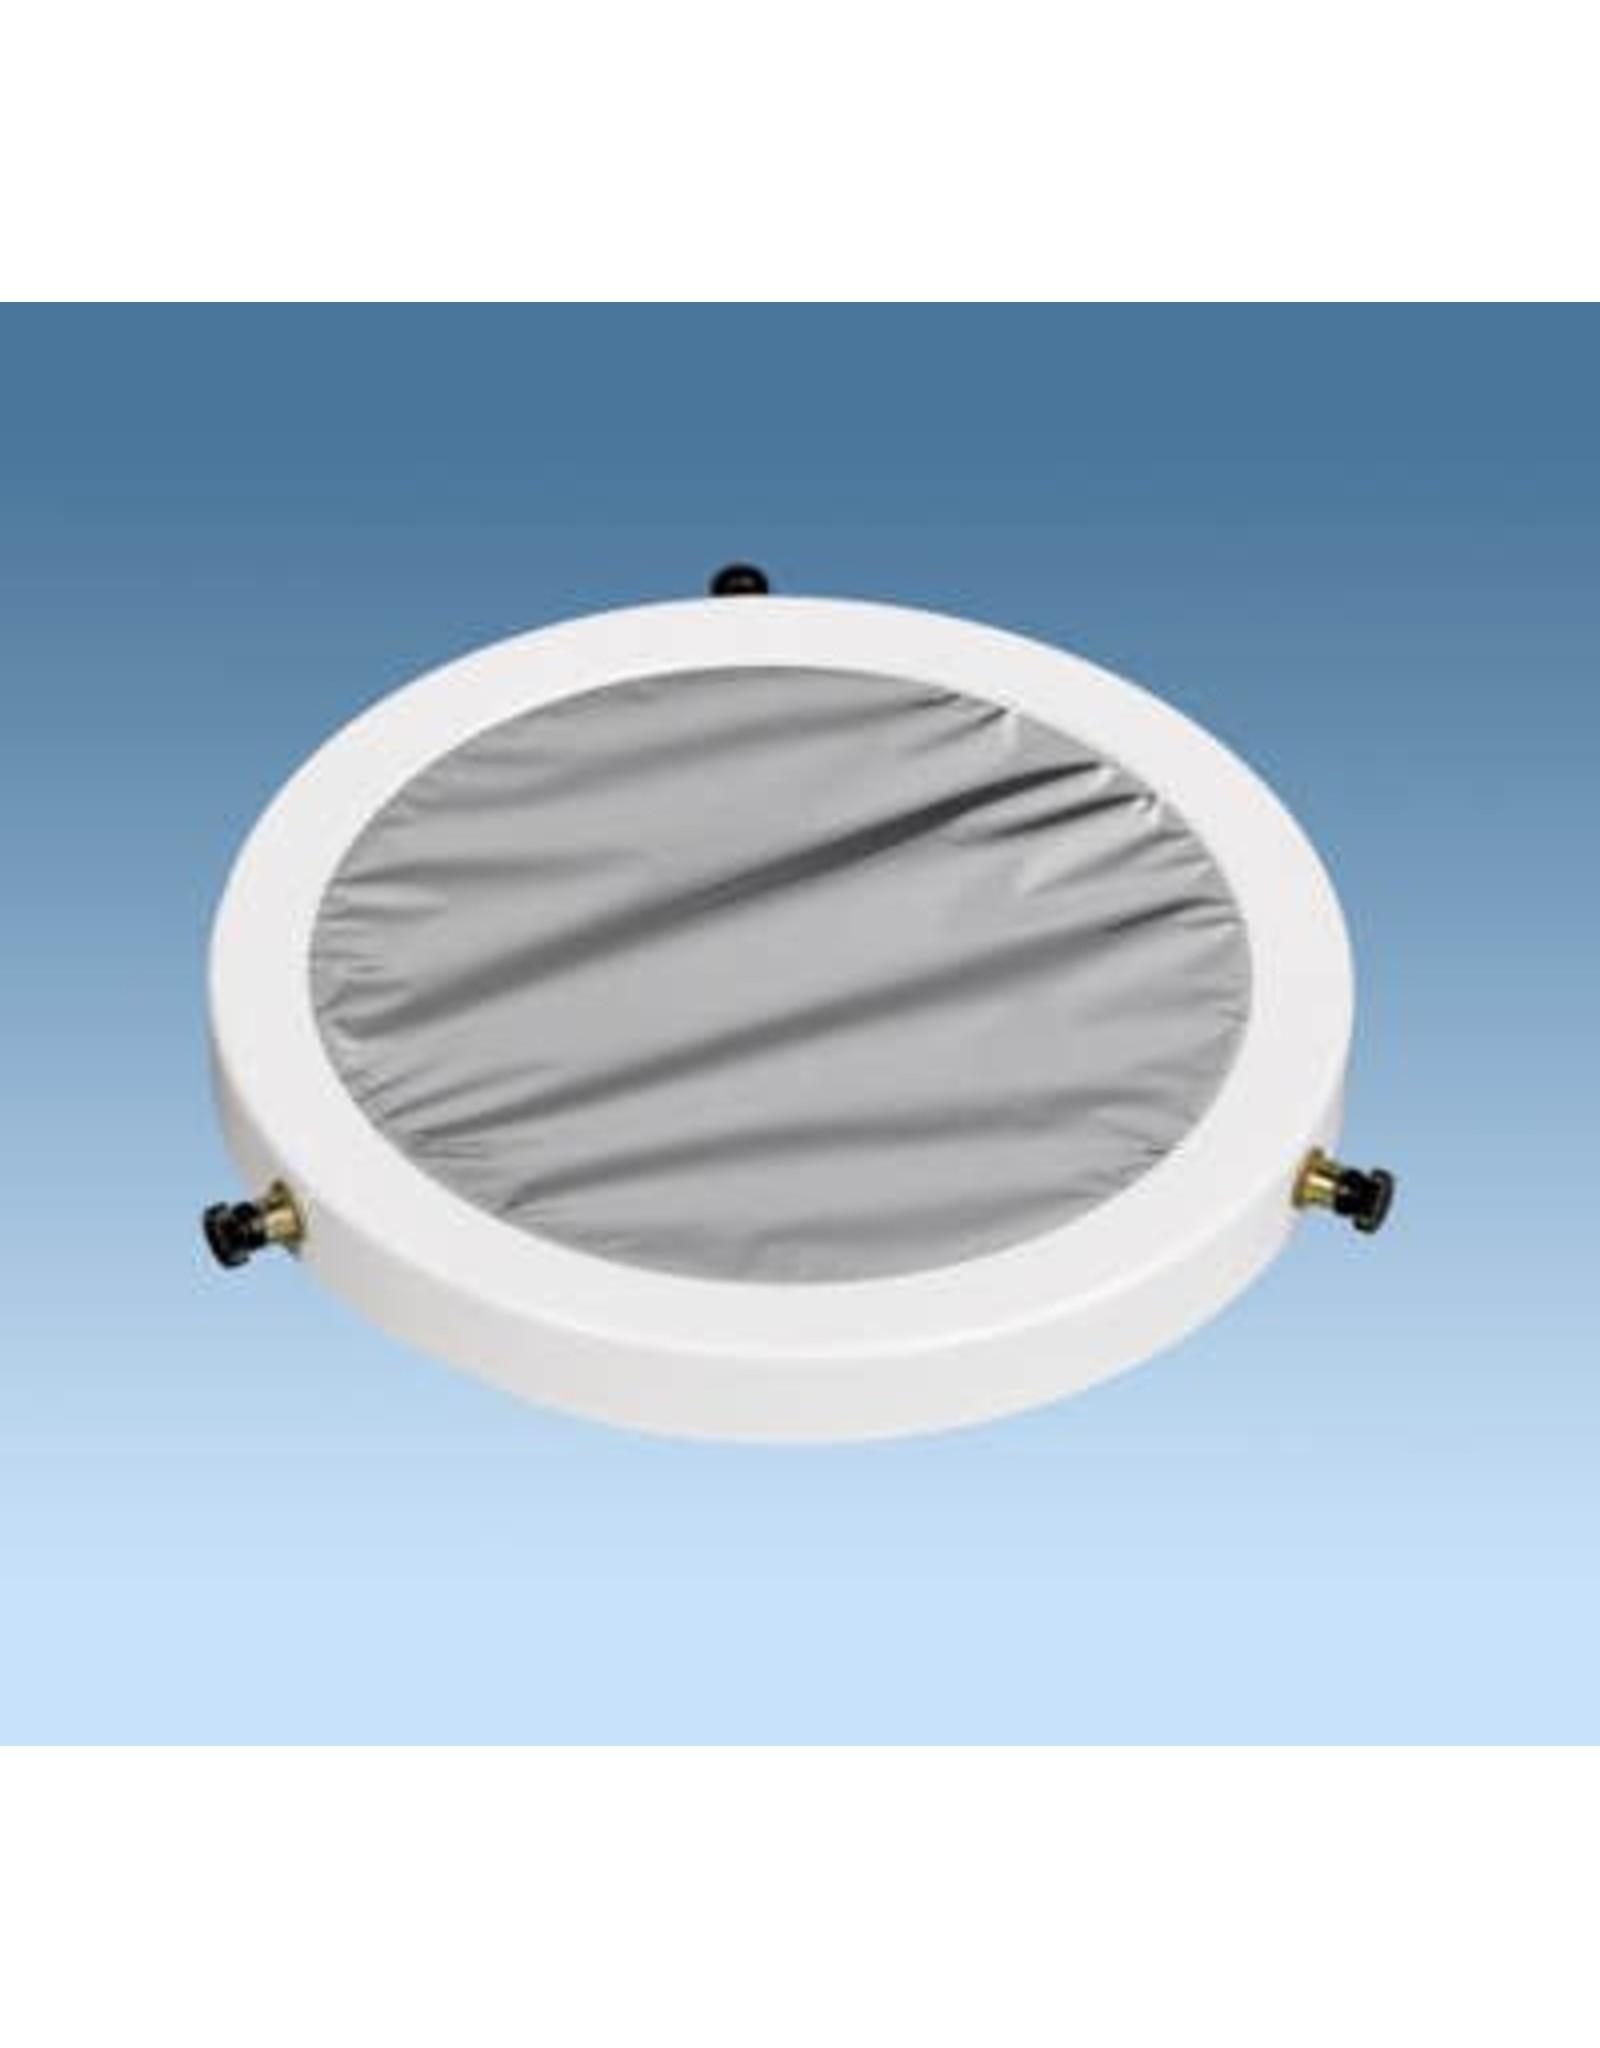 Astrozap AZ-1010 Baader Solar Filter - 250mm-260mm (LXD75)